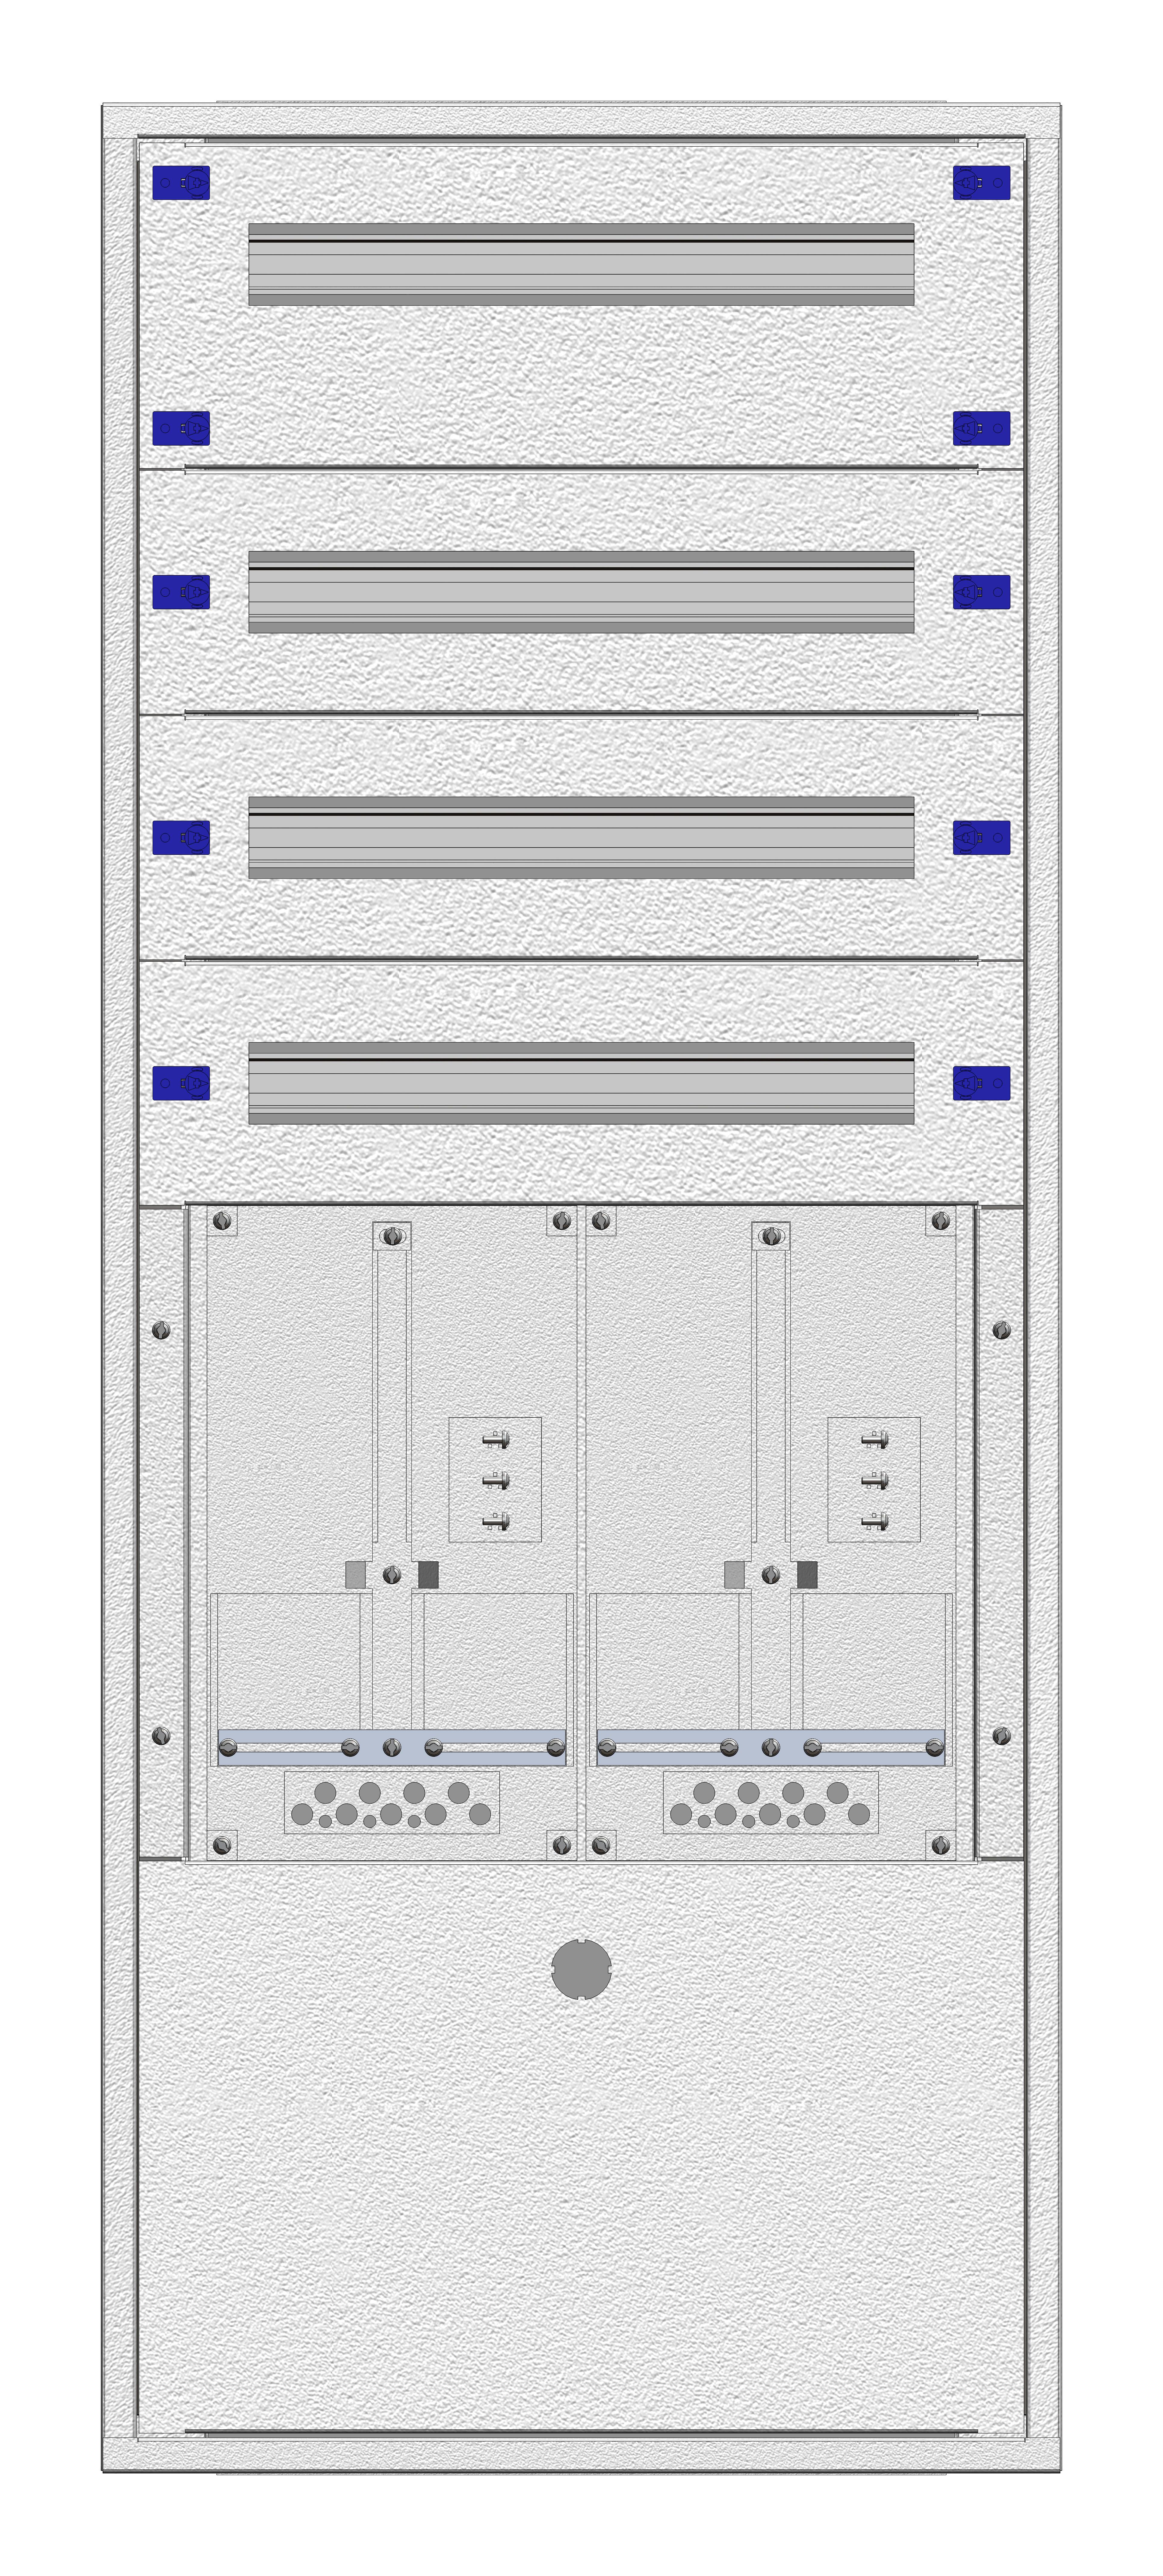 1 Stk Aufputz-Zählerverteiler 2A-28E/BGLD 2ZP, H1380B590T250mm IL160228BS